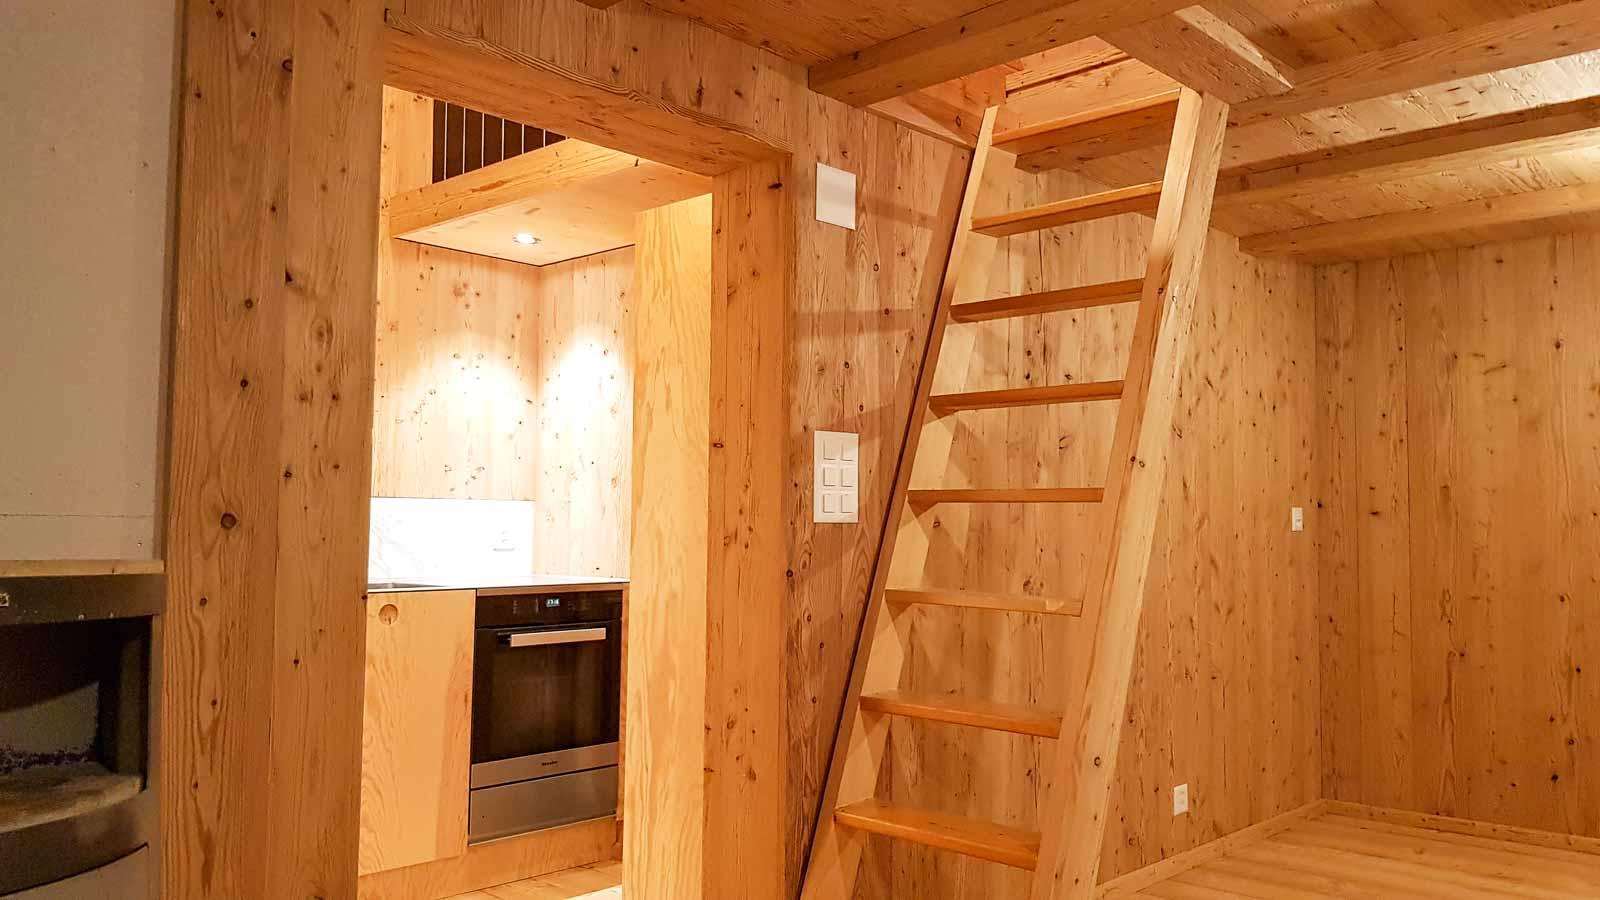 Wooddesign_Holzdesign_Innenausbau Ferienhaus_Altholz_Ferienwohnung_Ferienchalet_Schwarzsee_ Umbau (16)